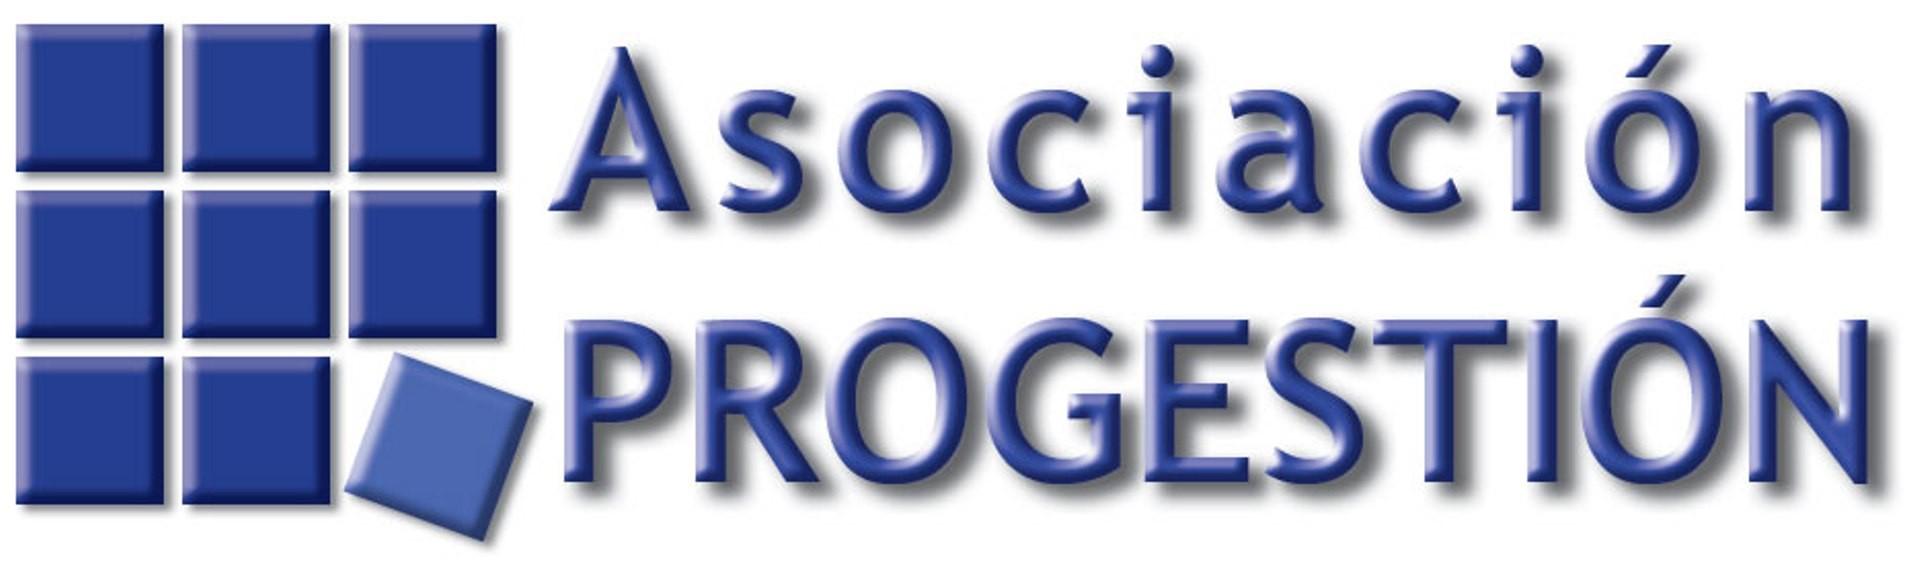 La Asociación Progestión propone crear una red de Vecinos Cicerone para favorecer la inclusión de migrantes y refugiados